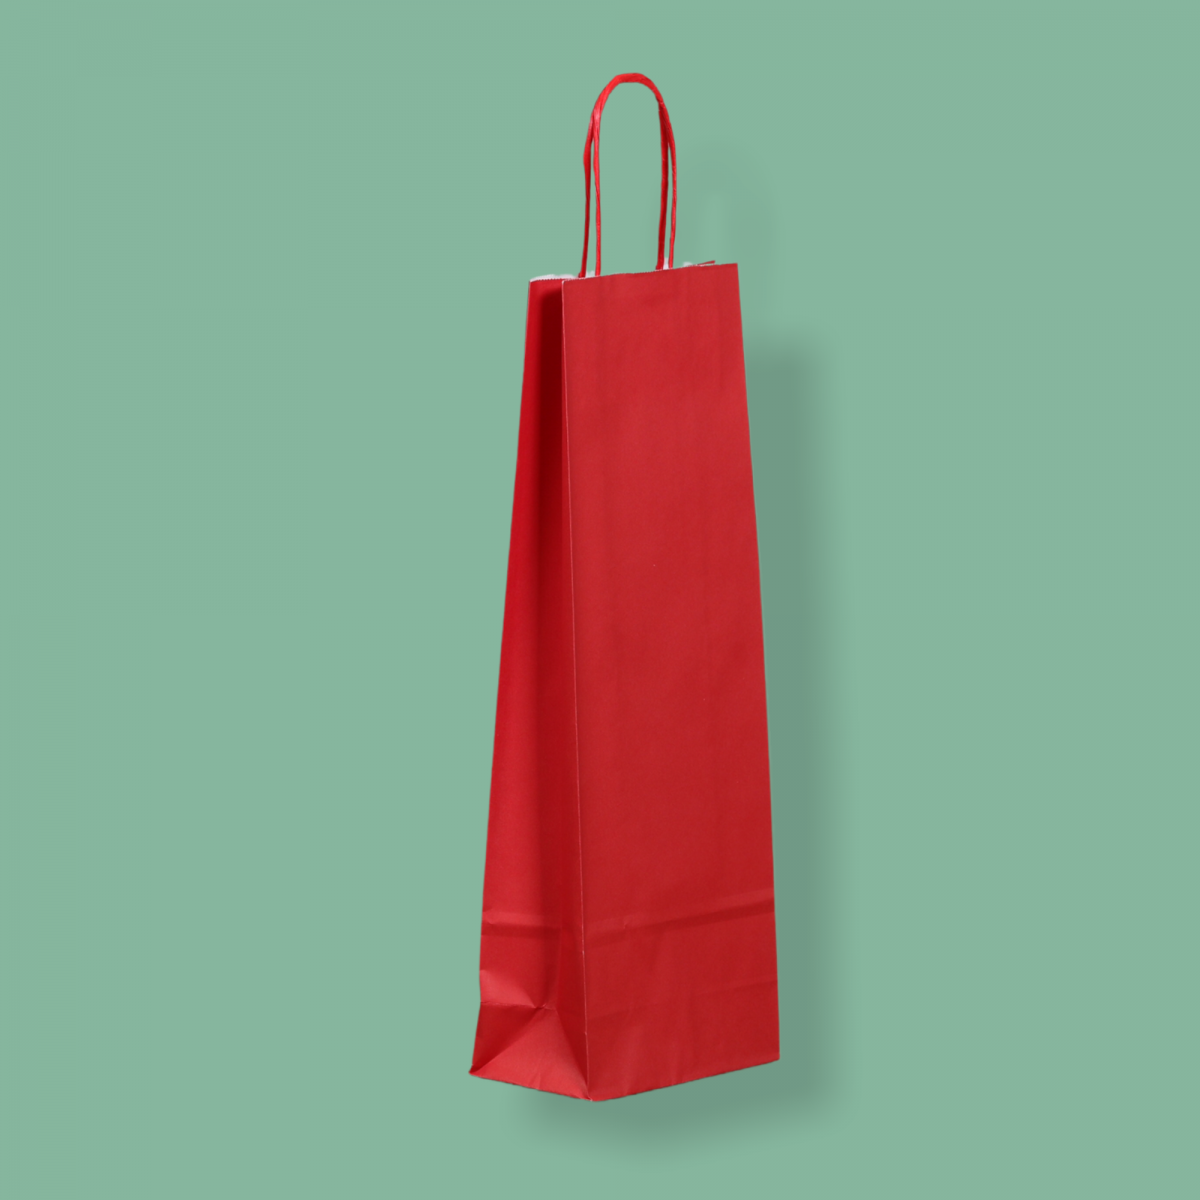 Sodrottfüles papírtáska 14x39x8 cm piros ITALTASAK A.